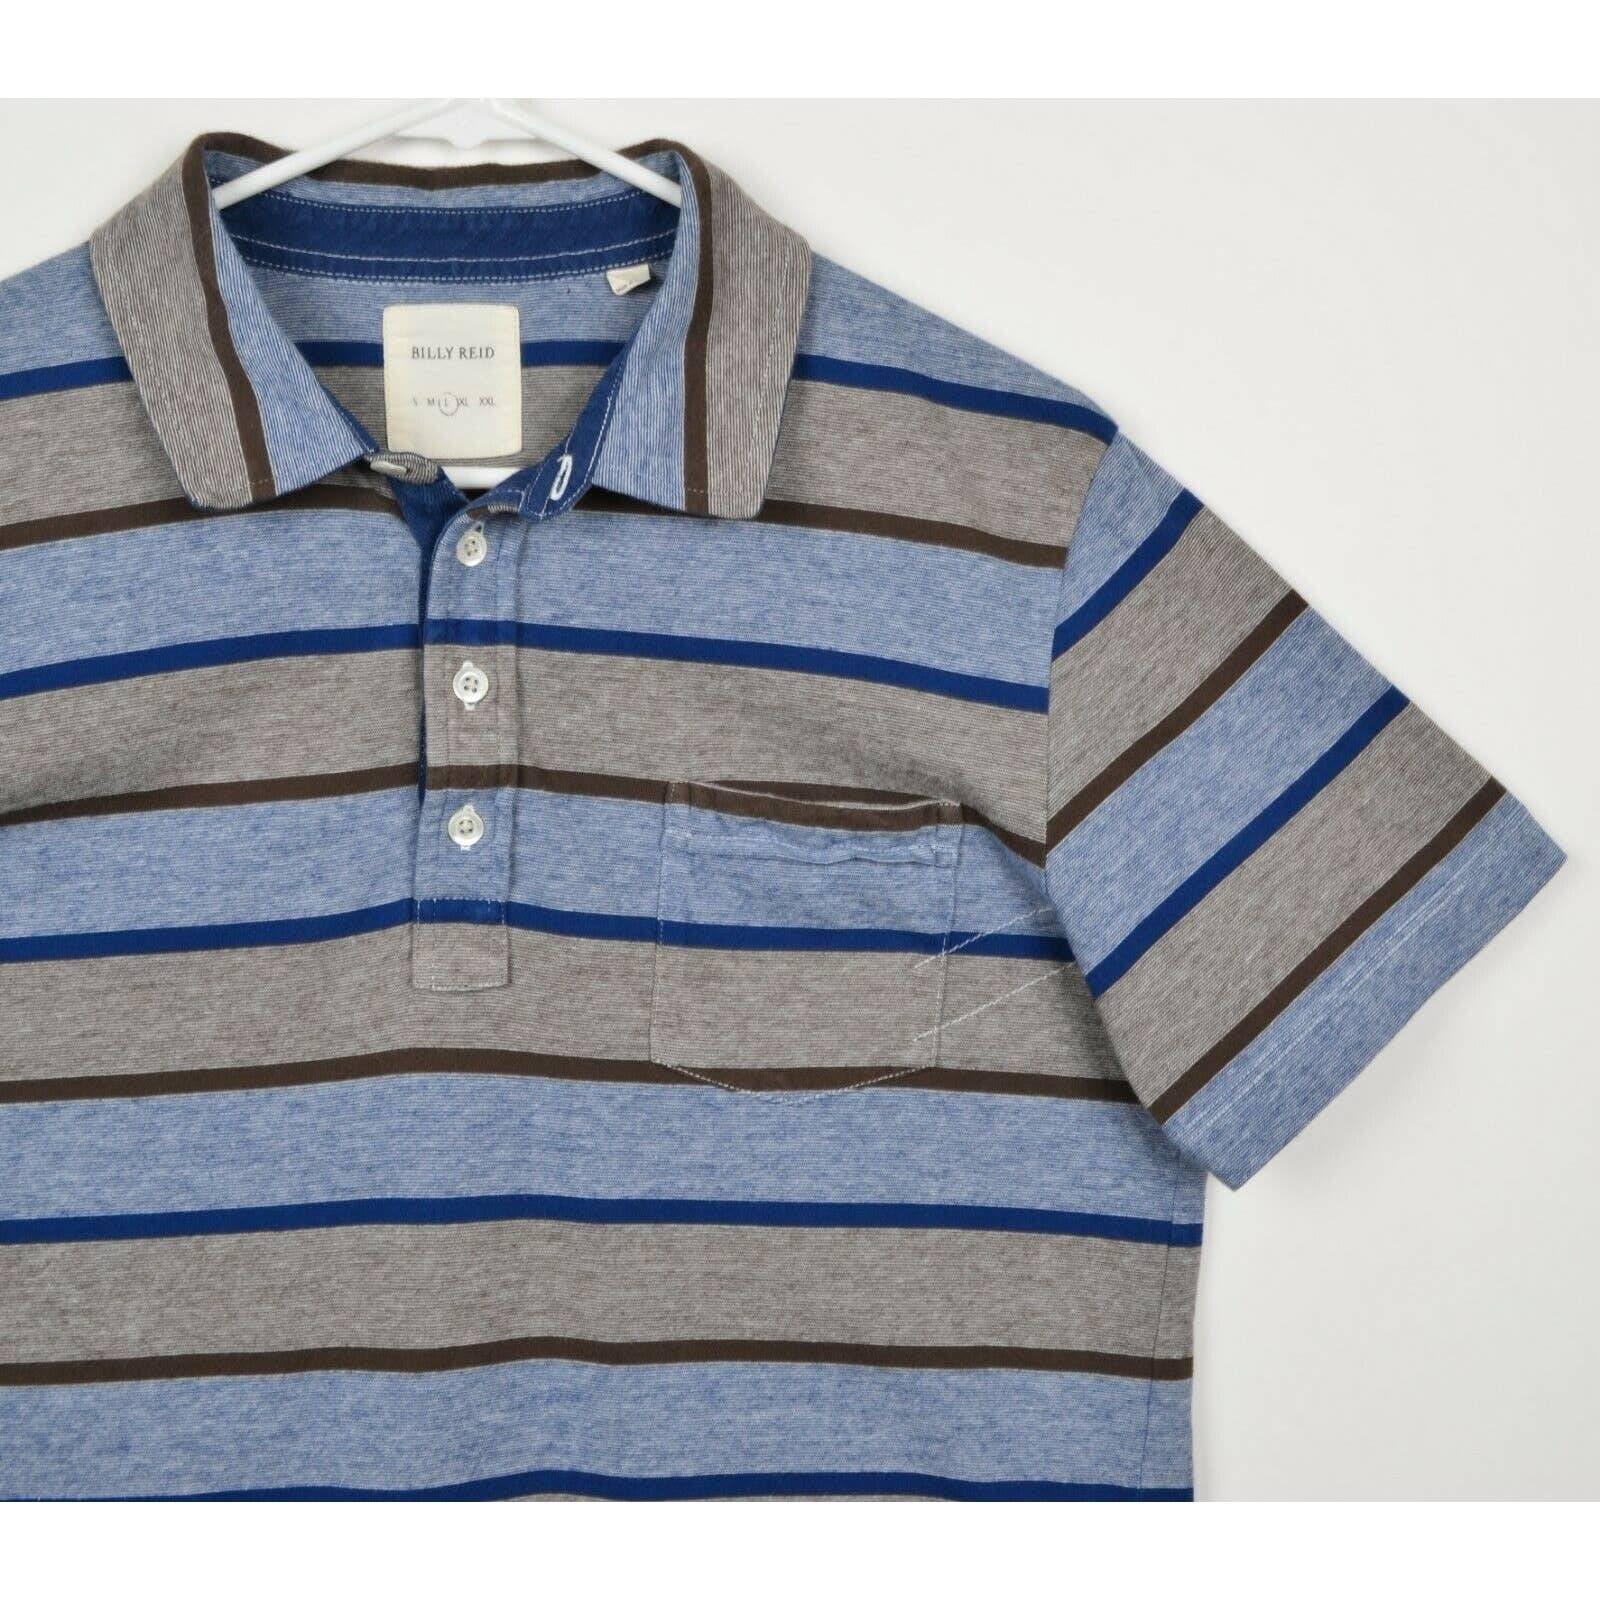 Billy Reid Men's Large Blue Striped Polo